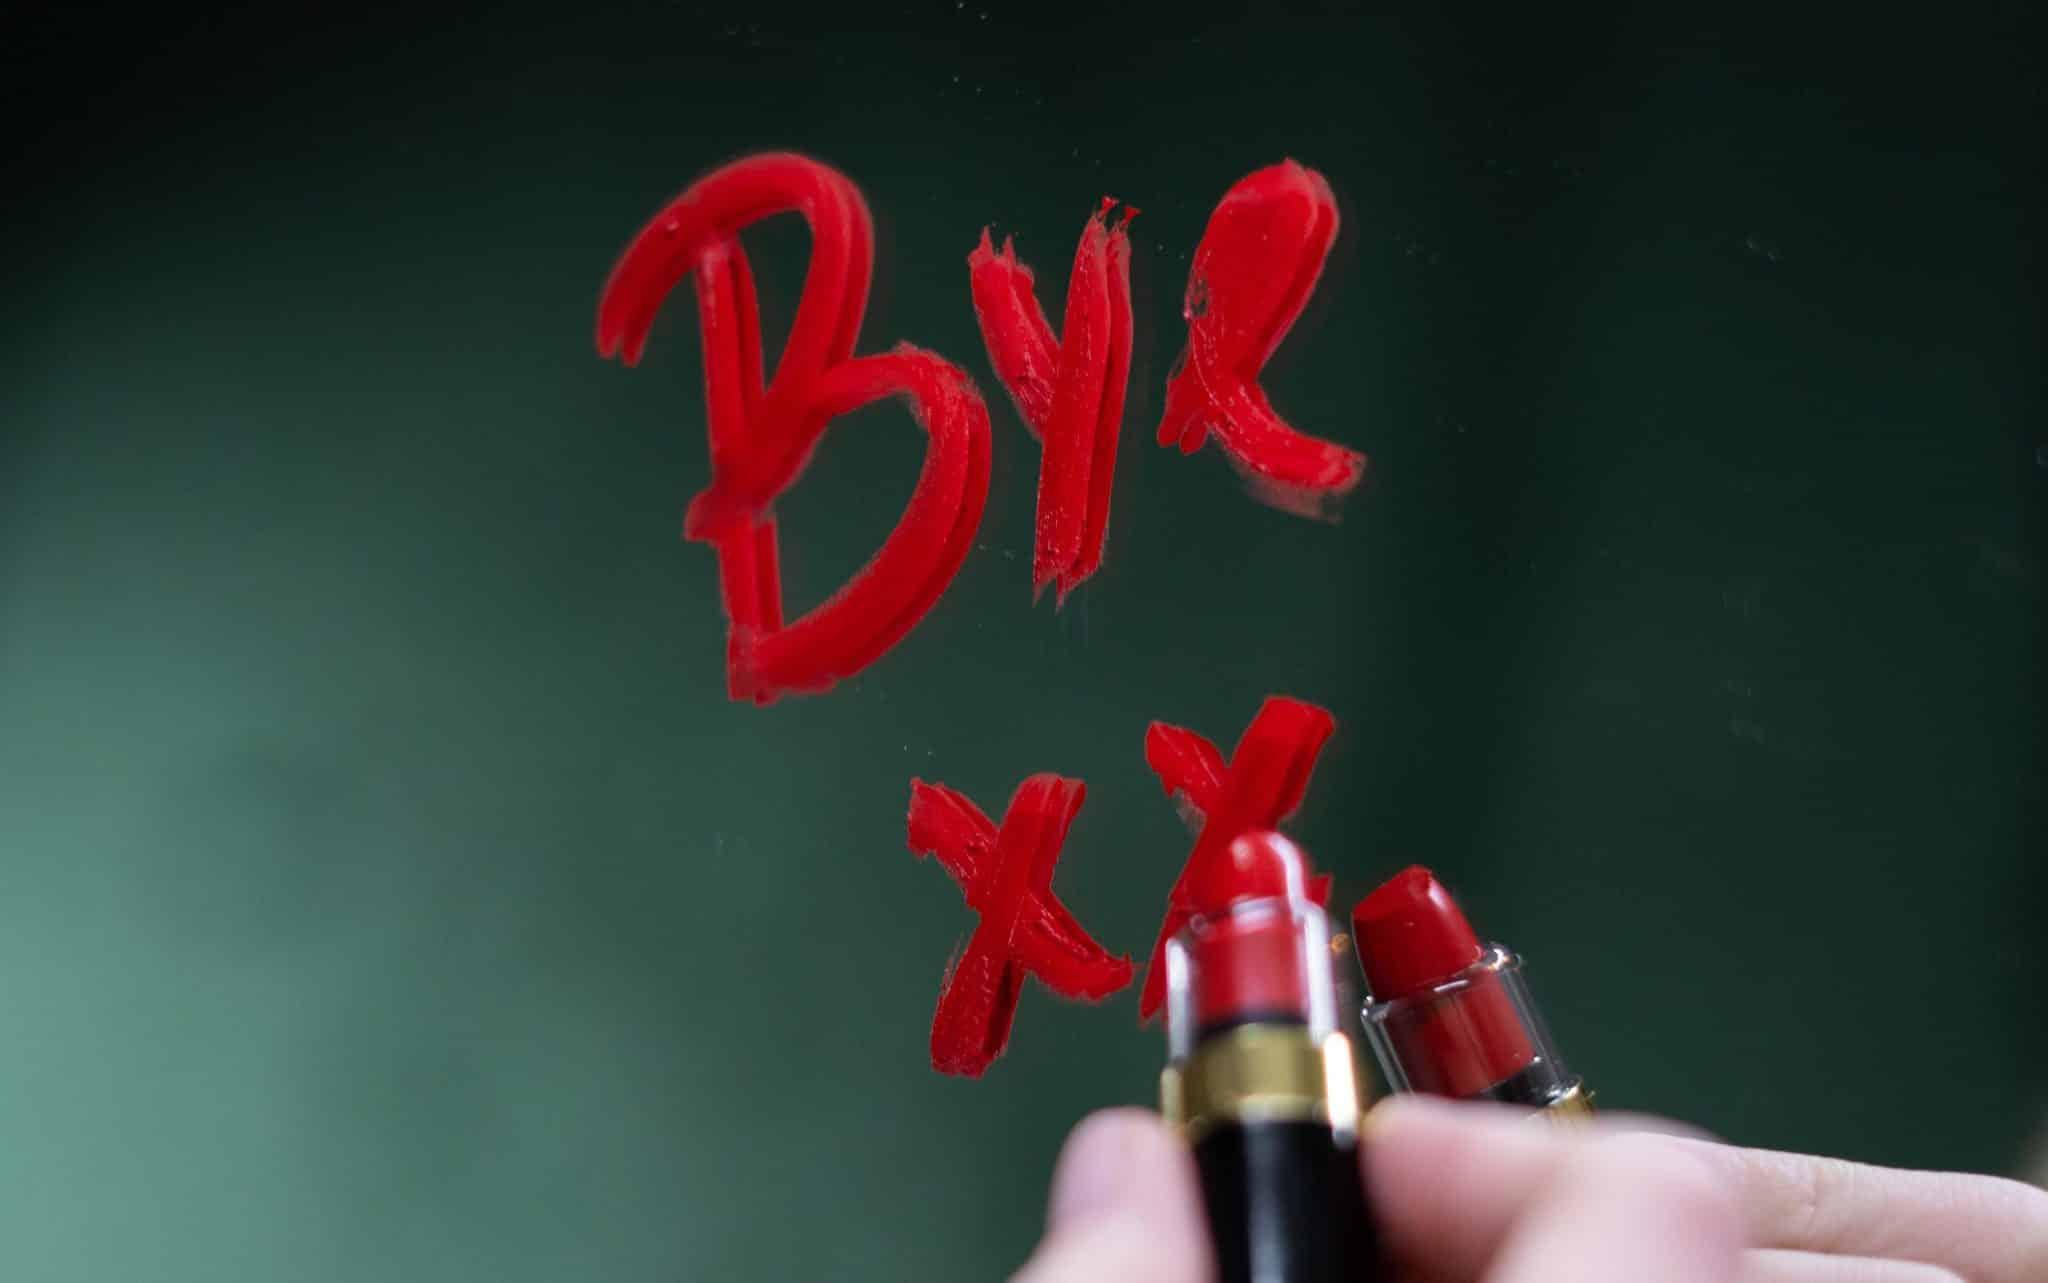 """Uma mão escrevendo """"bye"""" com um batom vermelho num espelho."""